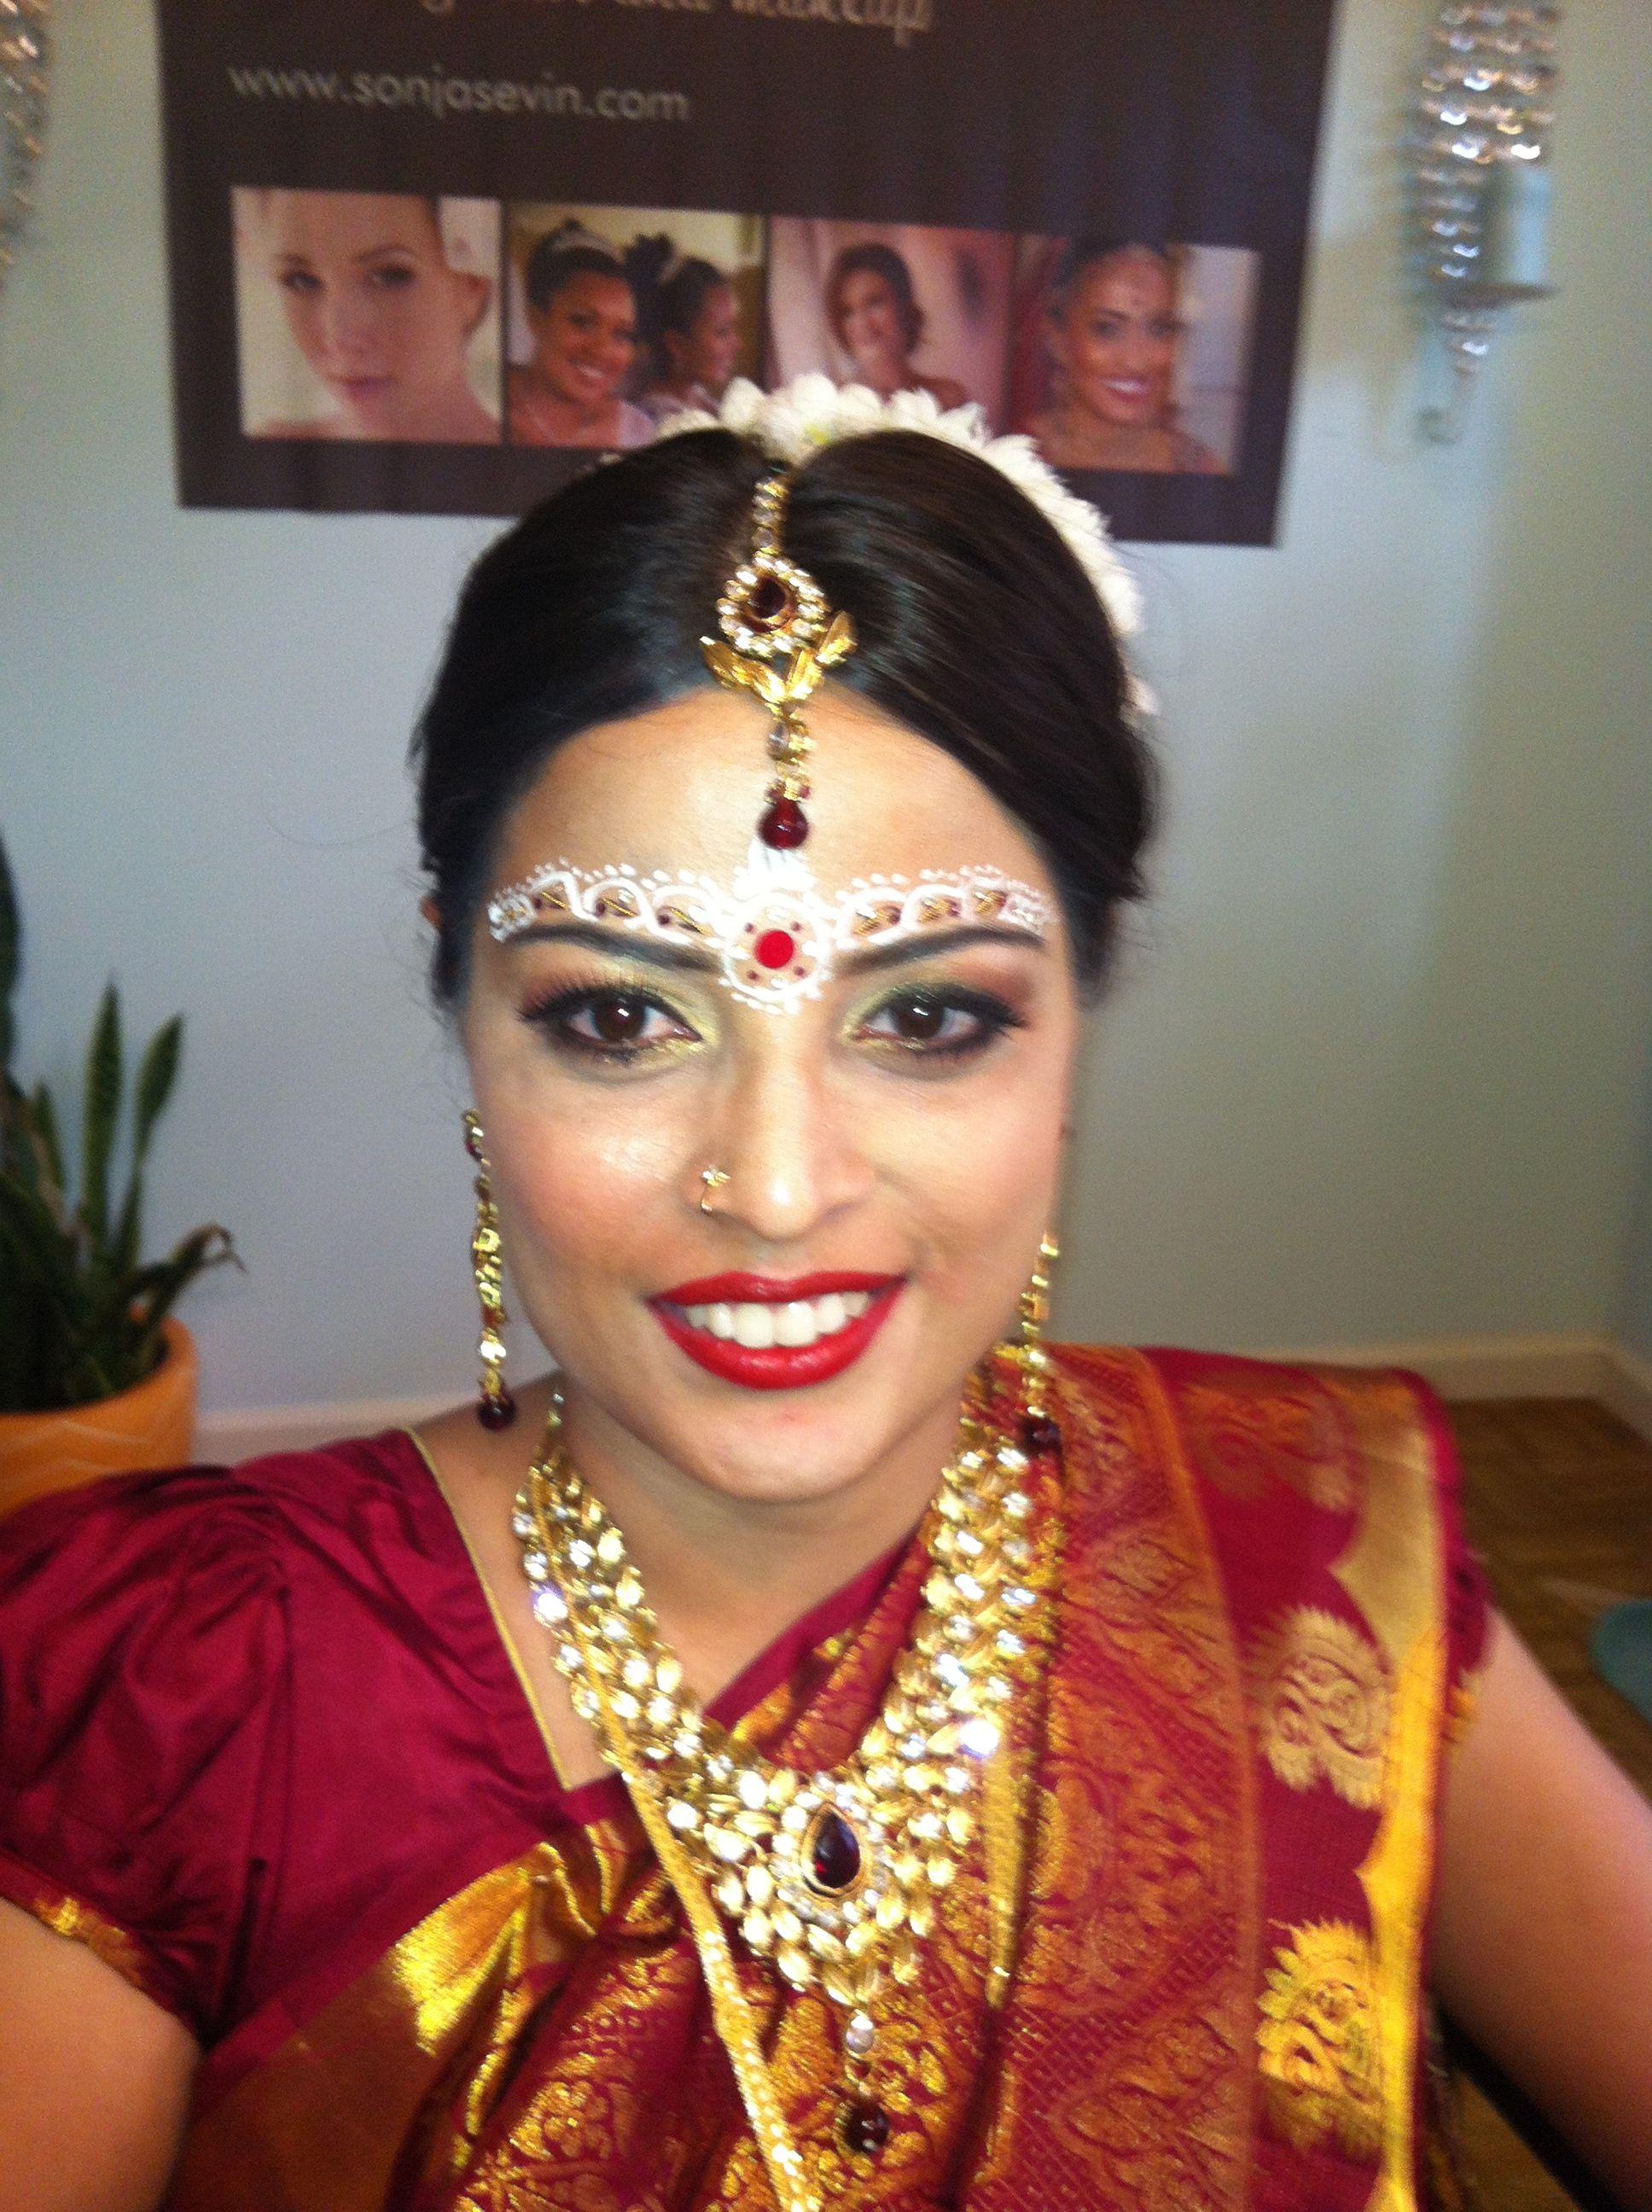 Pin on Bollywood Brides